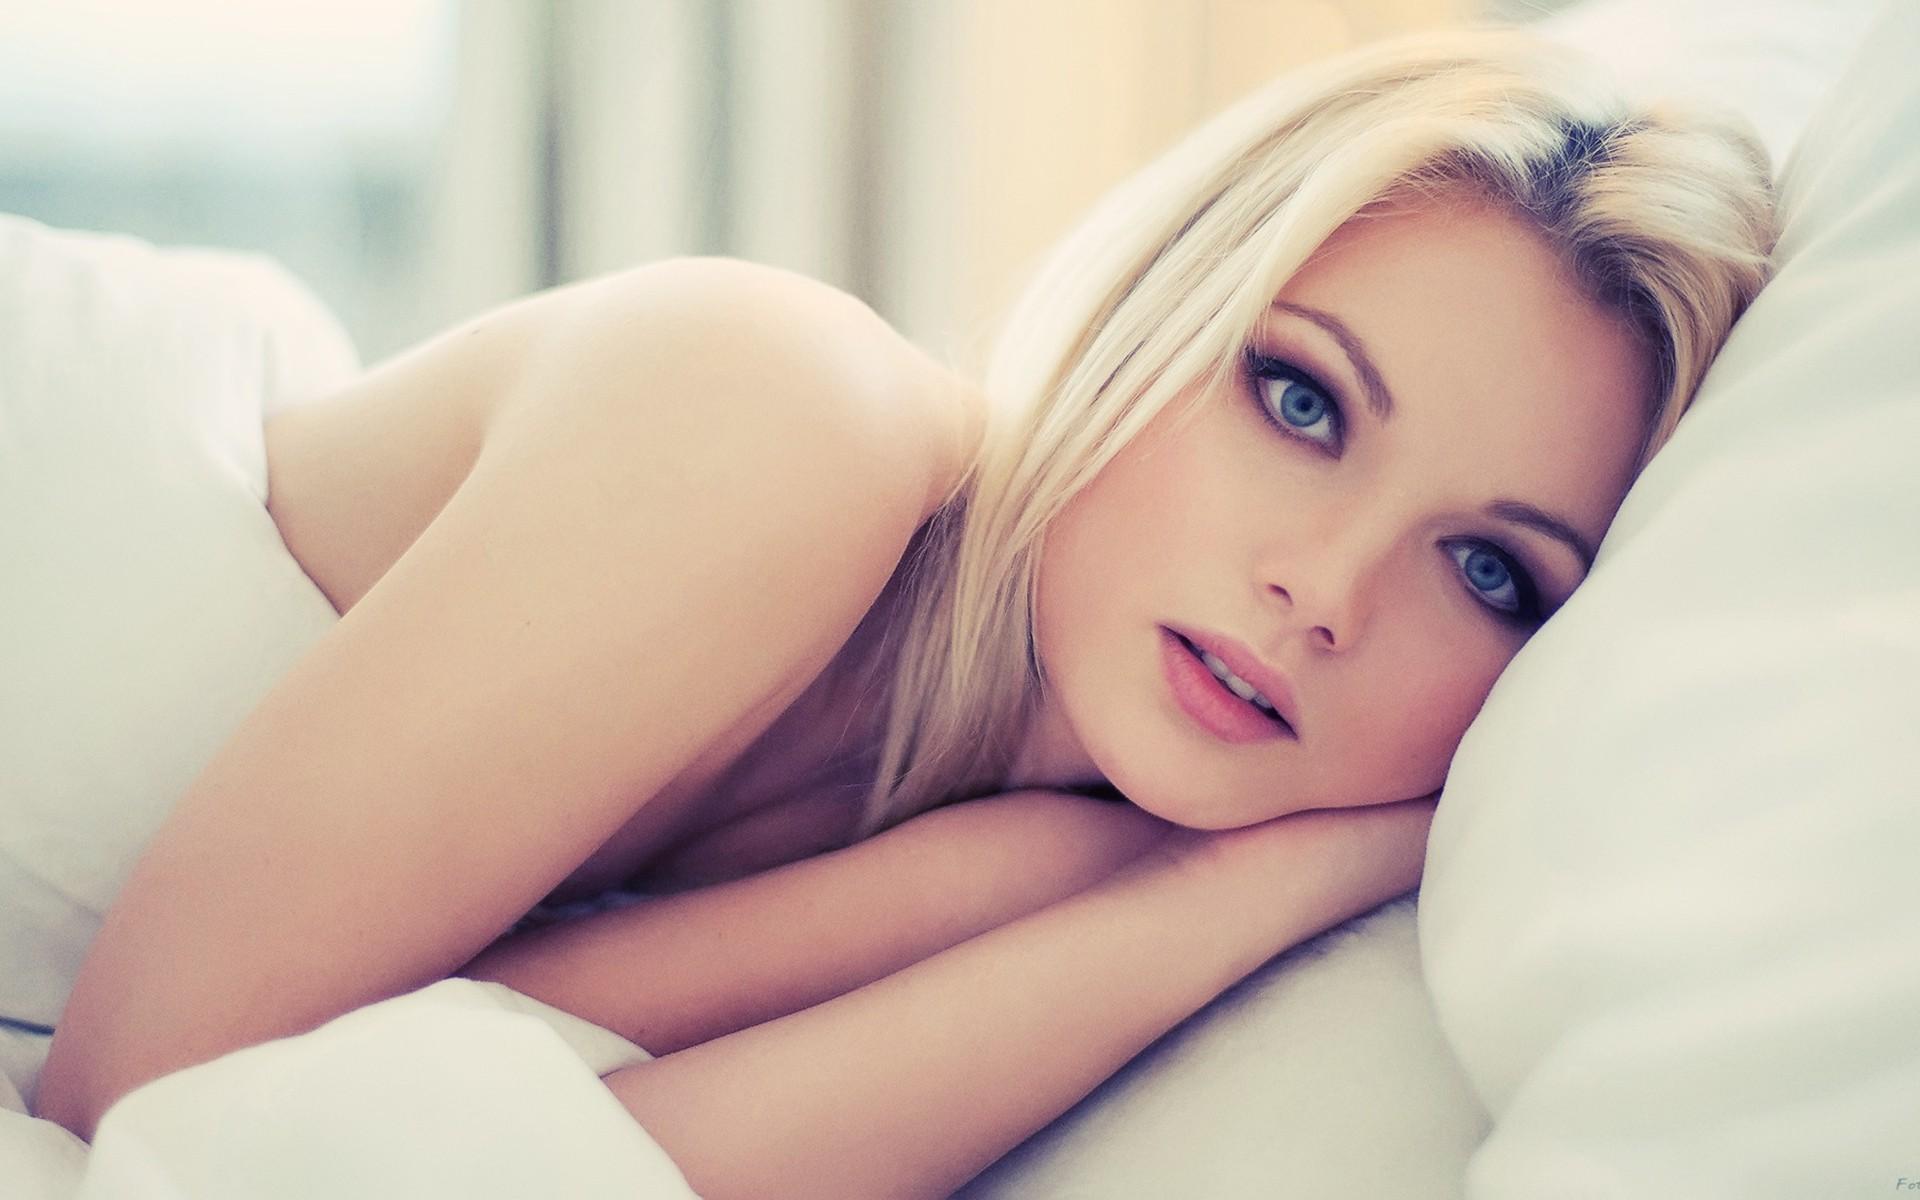 Фото разные пизденки, Пизда девушек крупно и голая пиздень женщин - женские 22 фотография